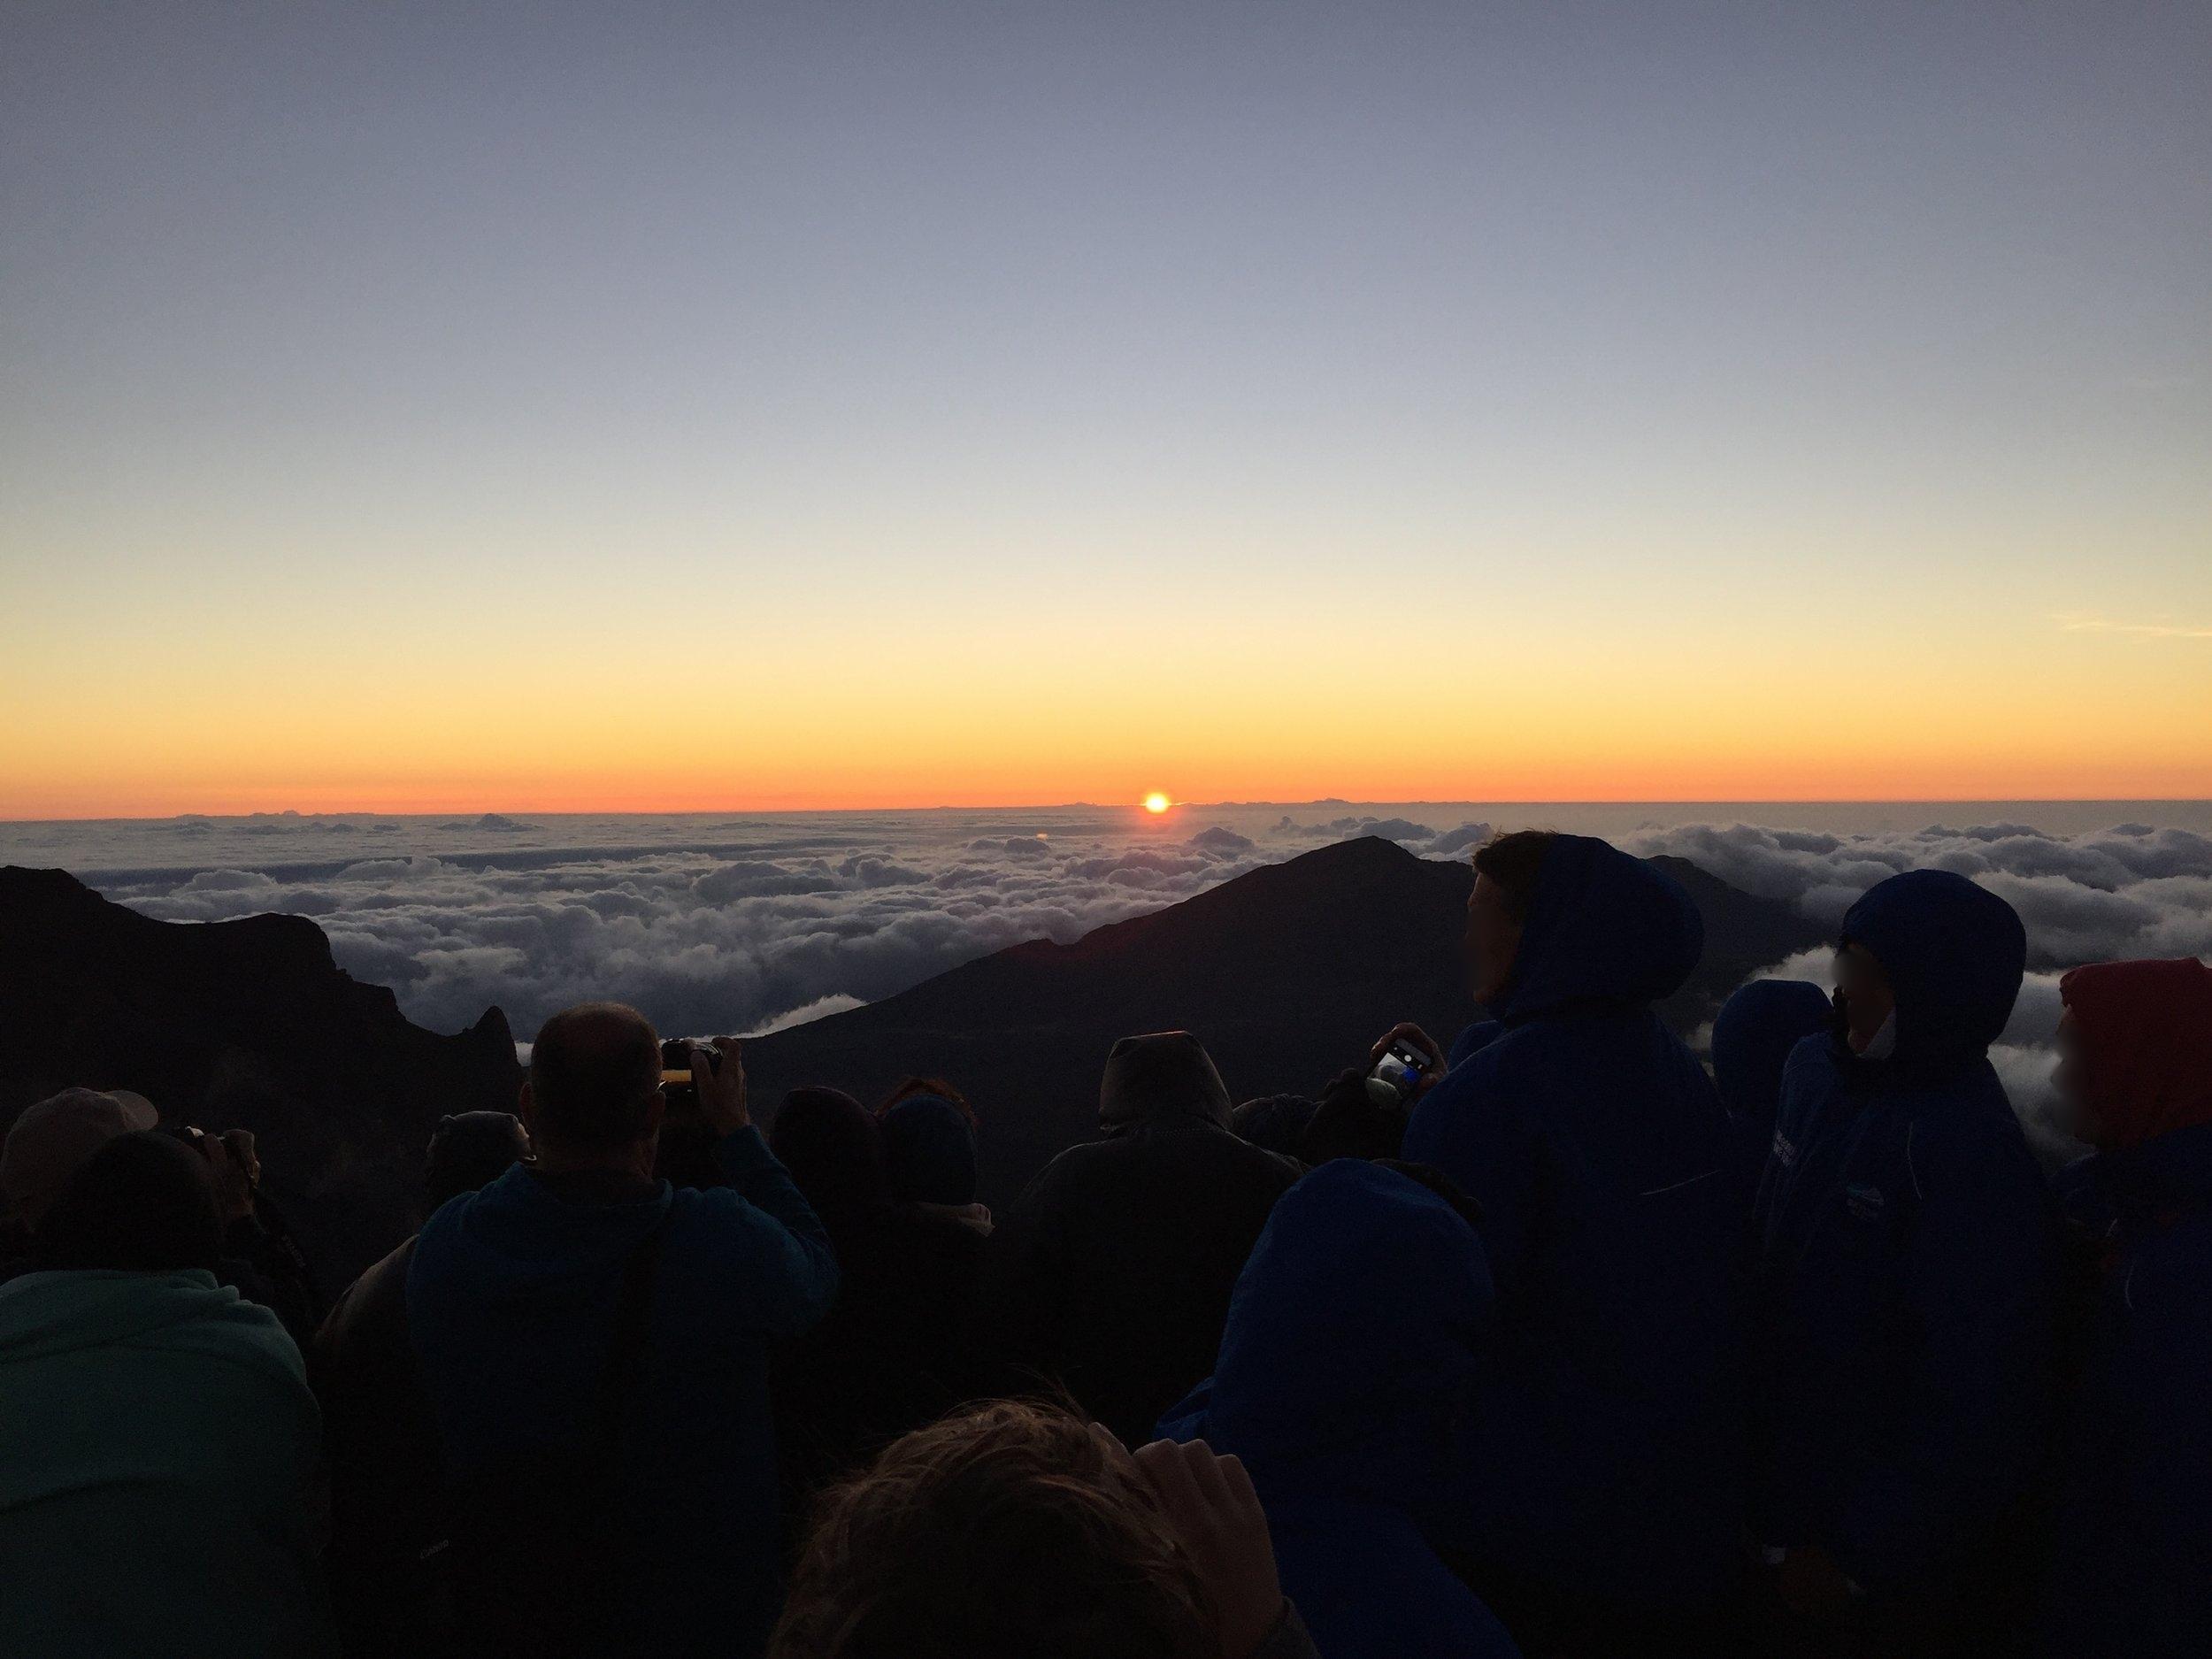 Sunrise at last!